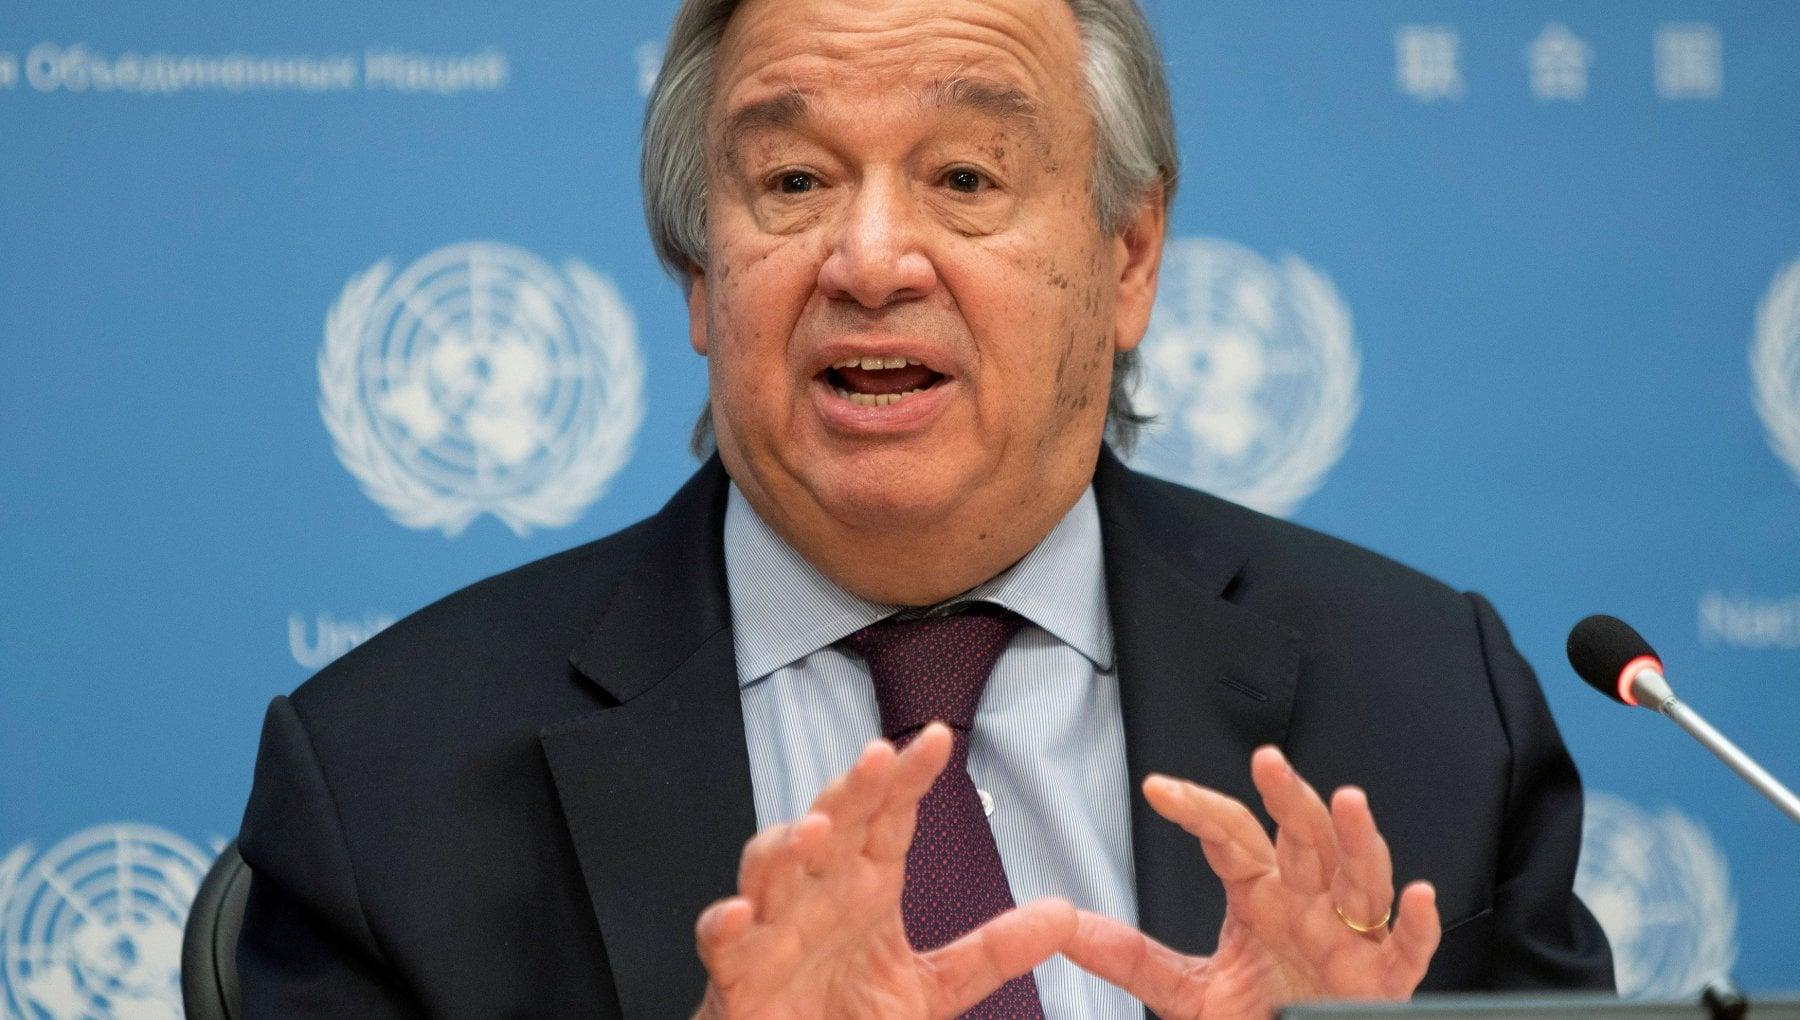 Clima lappello di Guterres I leader mondiali dichiarino lo stato di emergenza